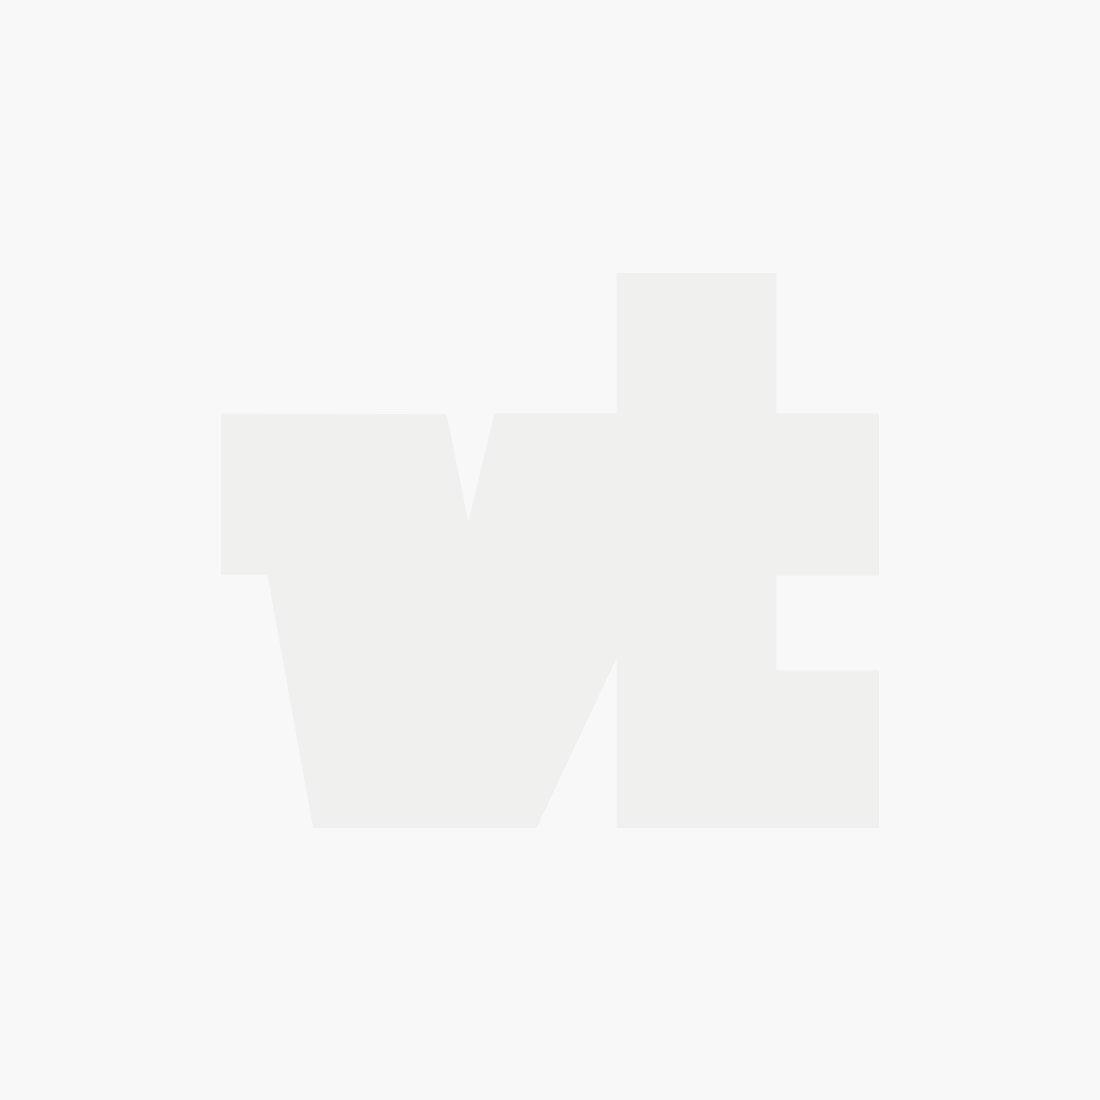 Jersey wide leg trousers obsidian black